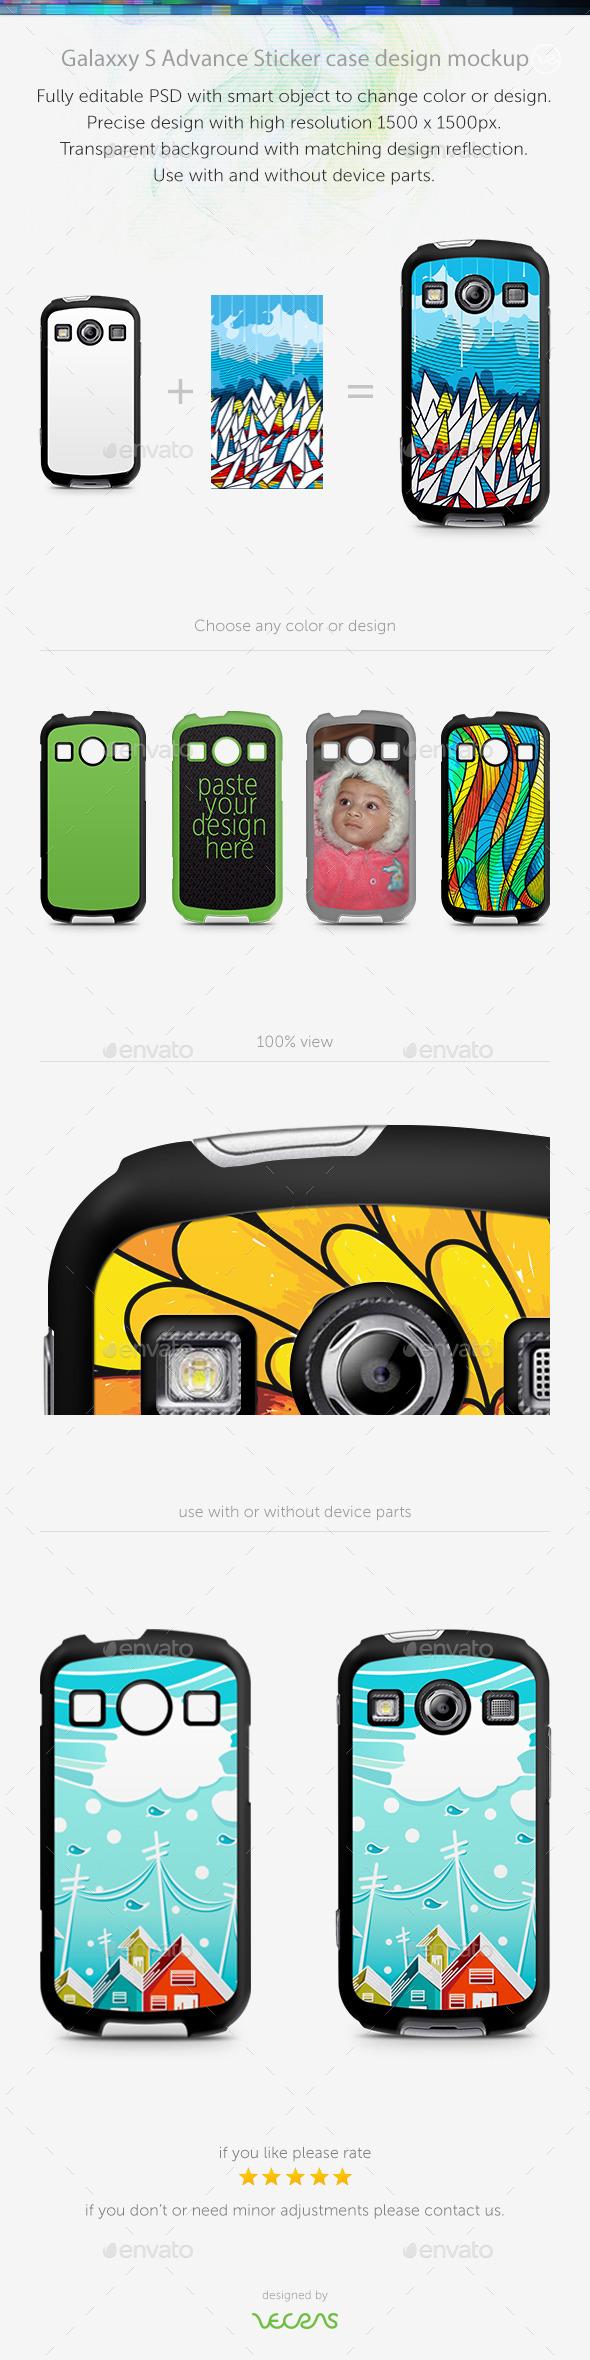 Galaxxy X Cover 2 Sticker Case Design Mockup